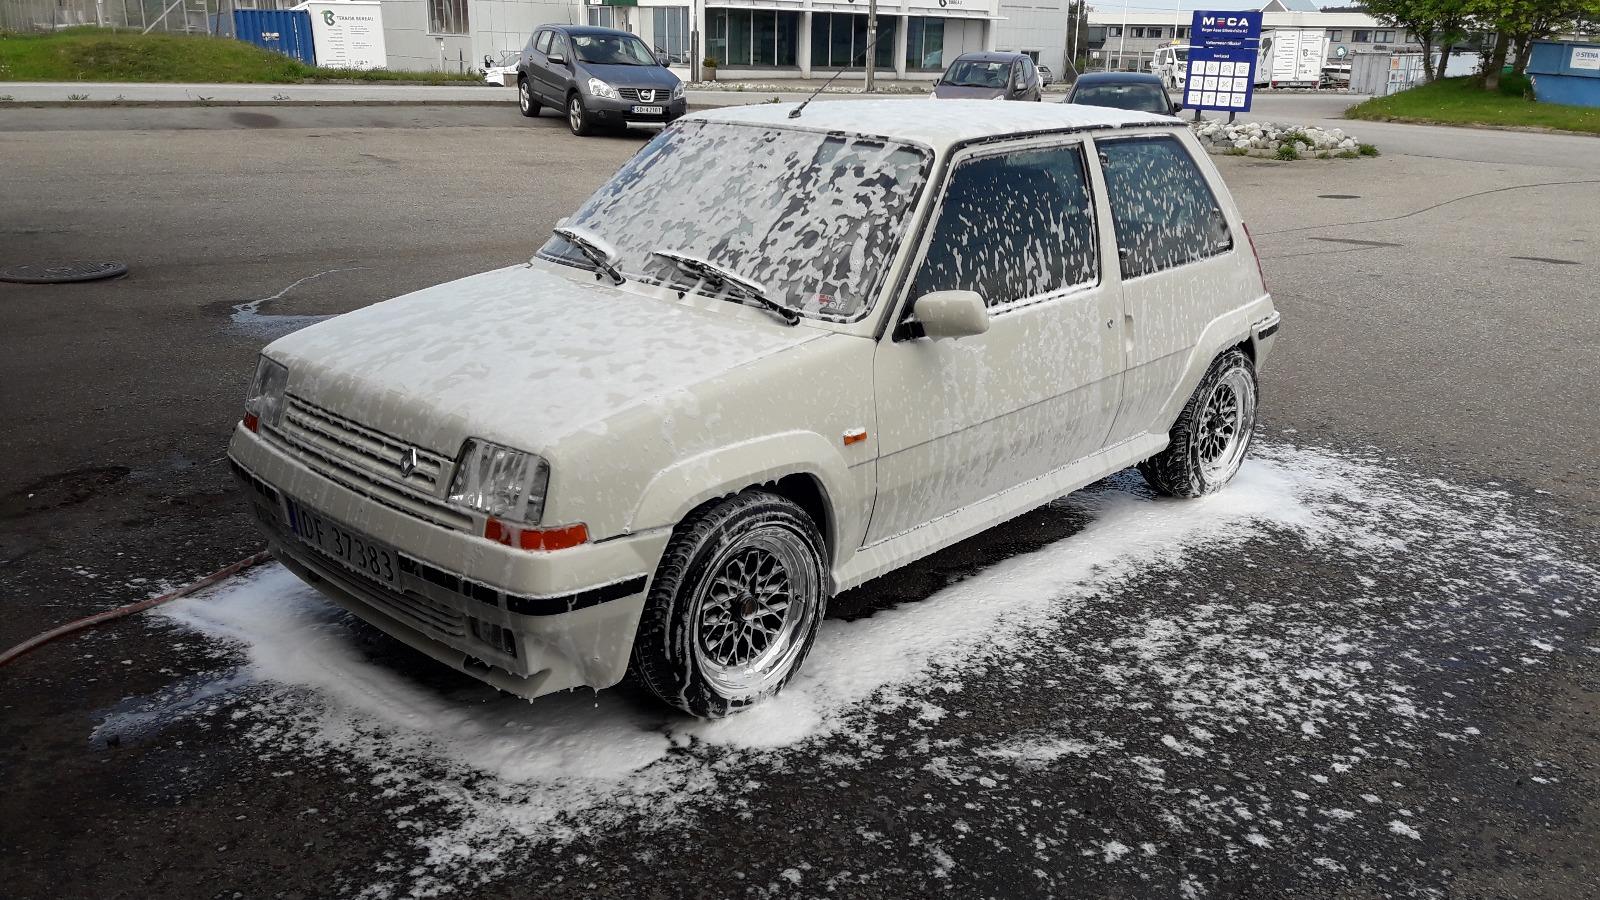 Ingenting er som nyvasket selvbygd bil!